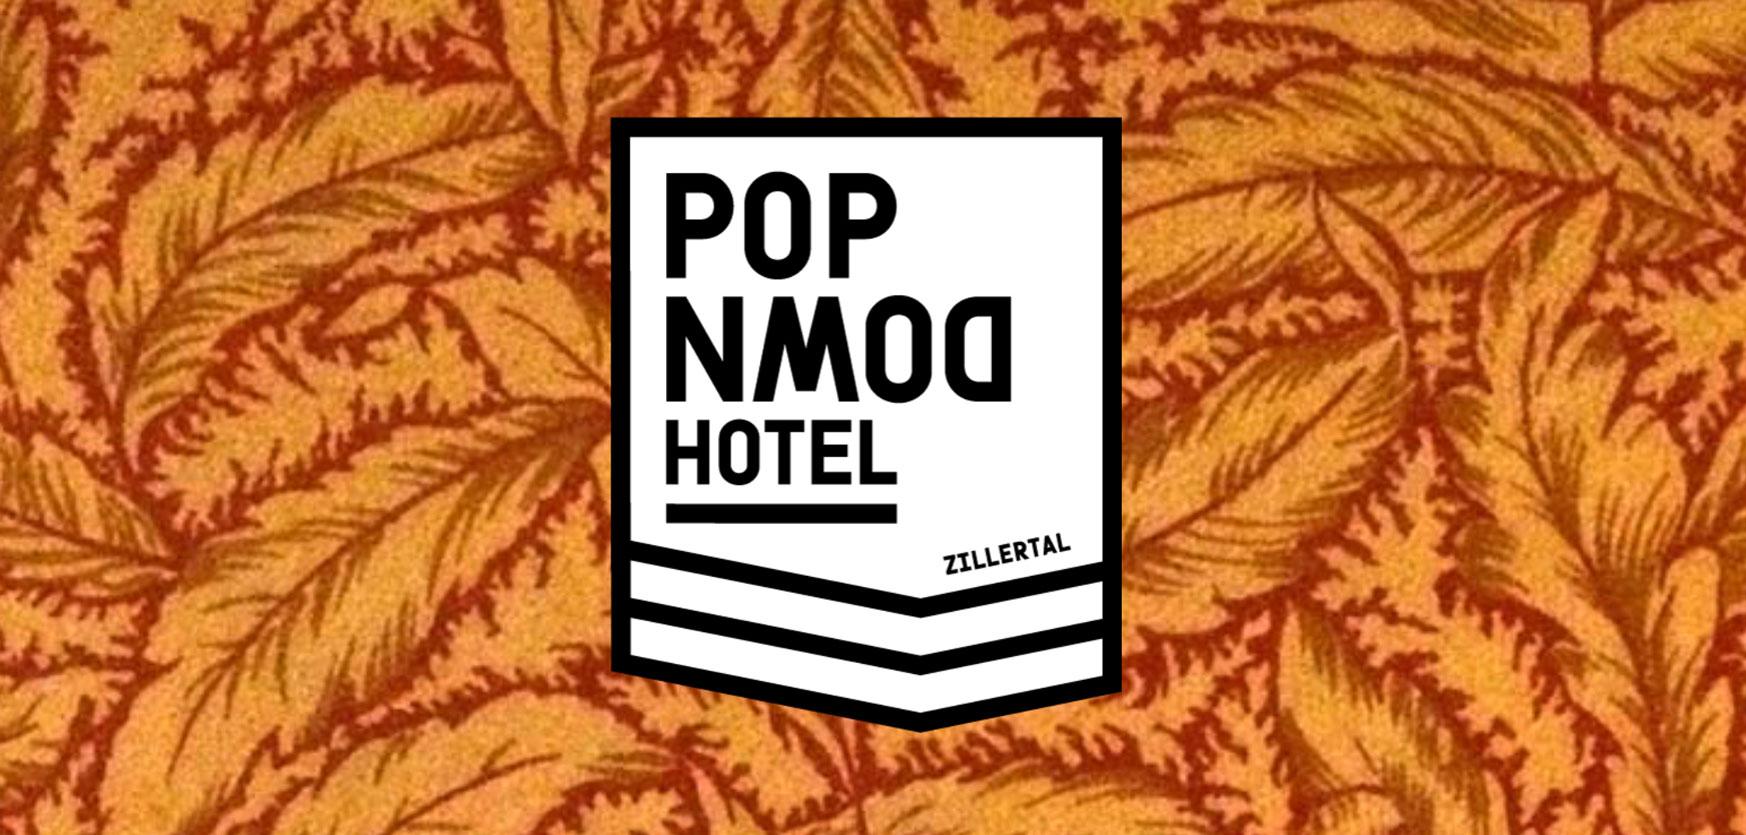 pop-down-hotel-zillertal-munichmountaingirls